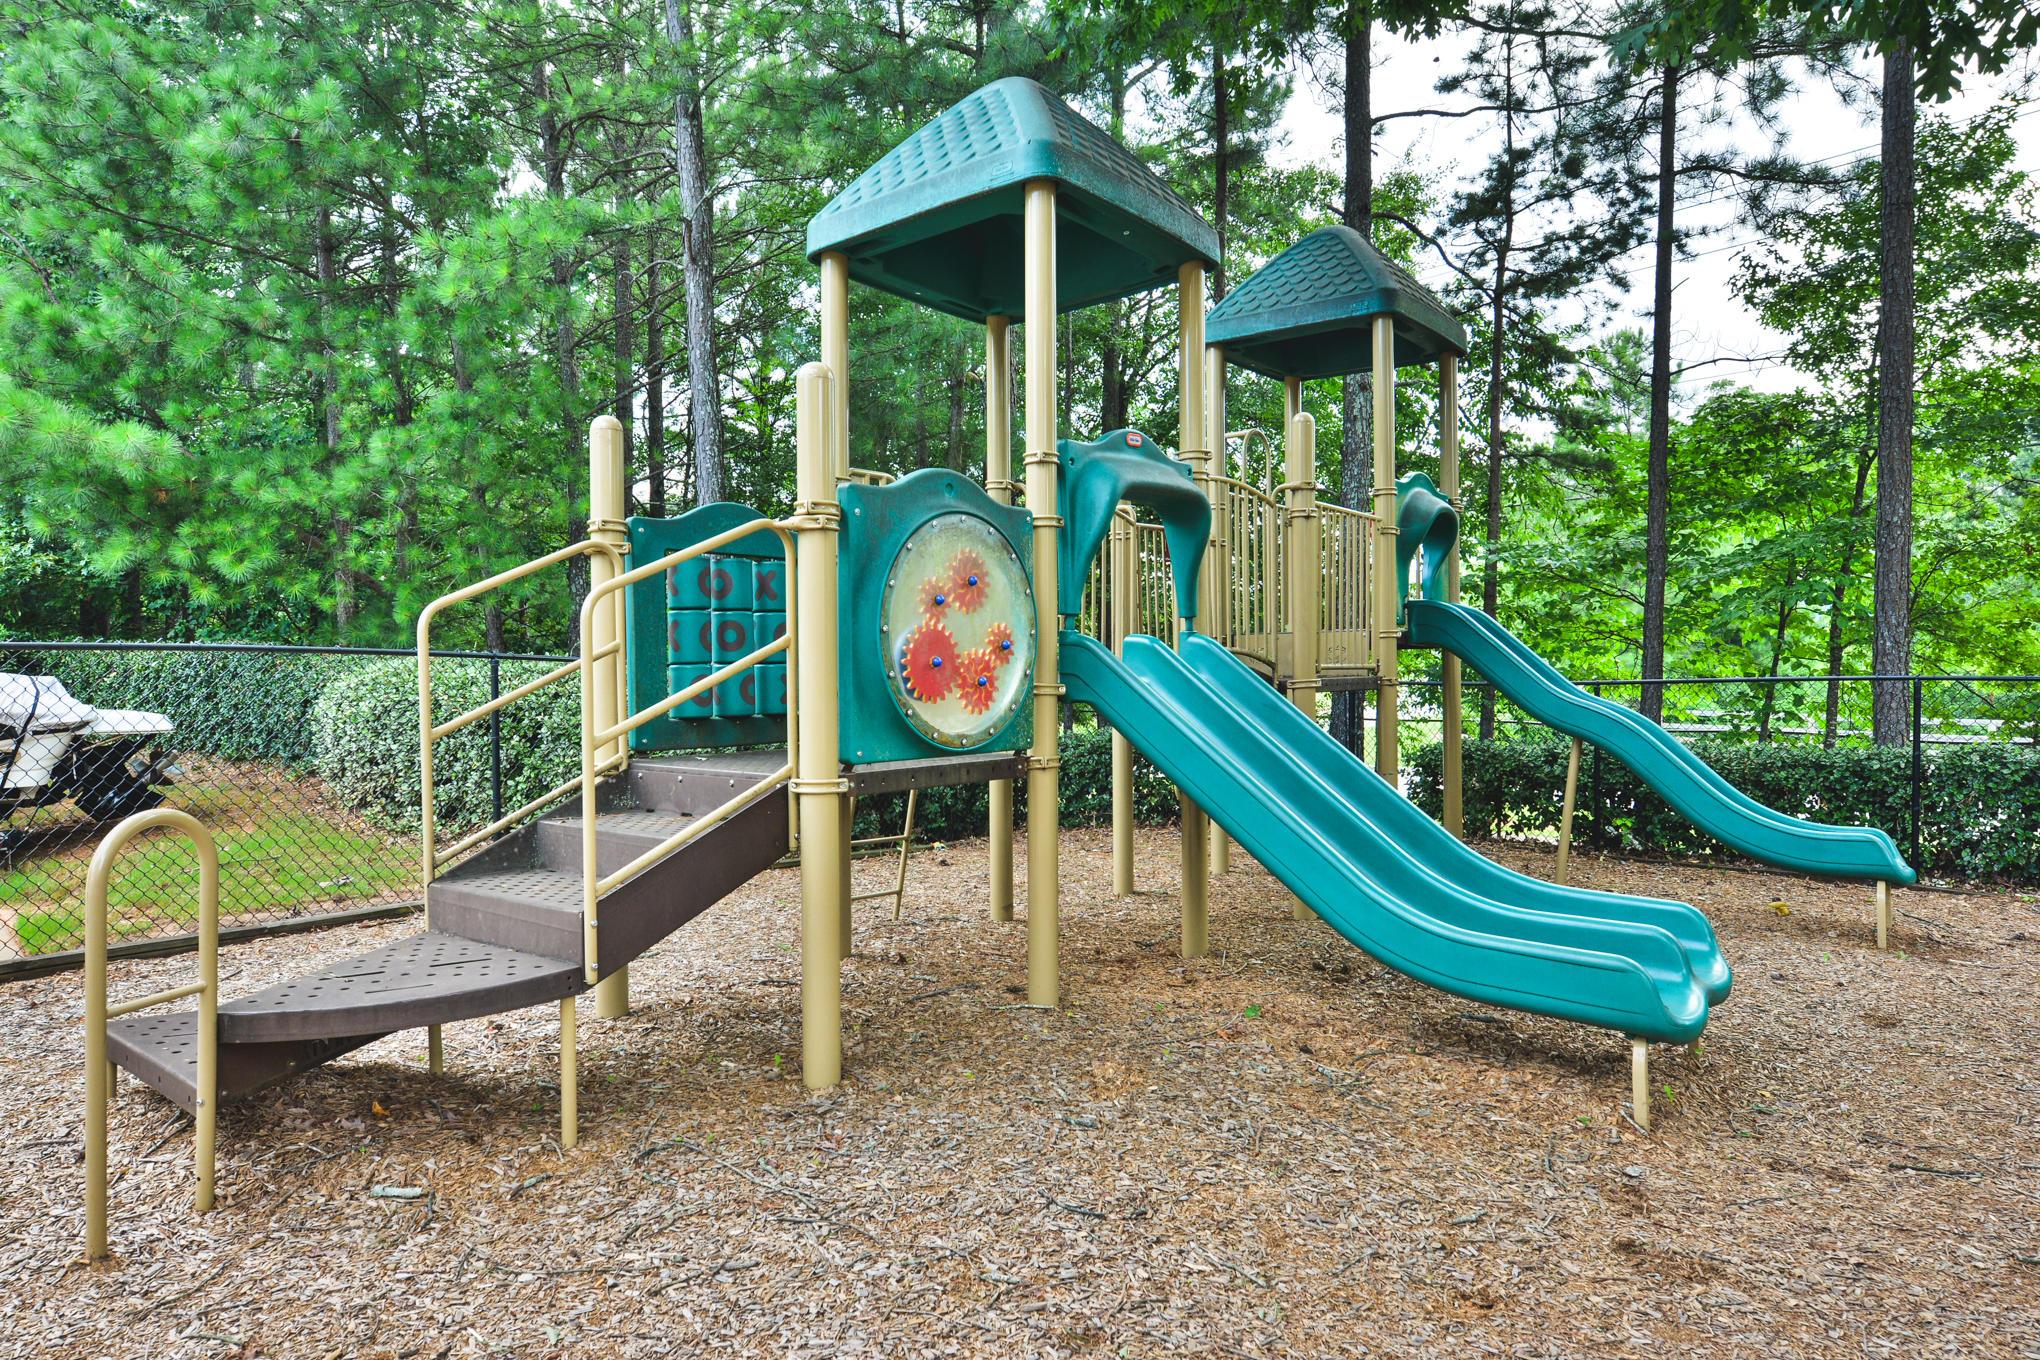 Tree Park image 5